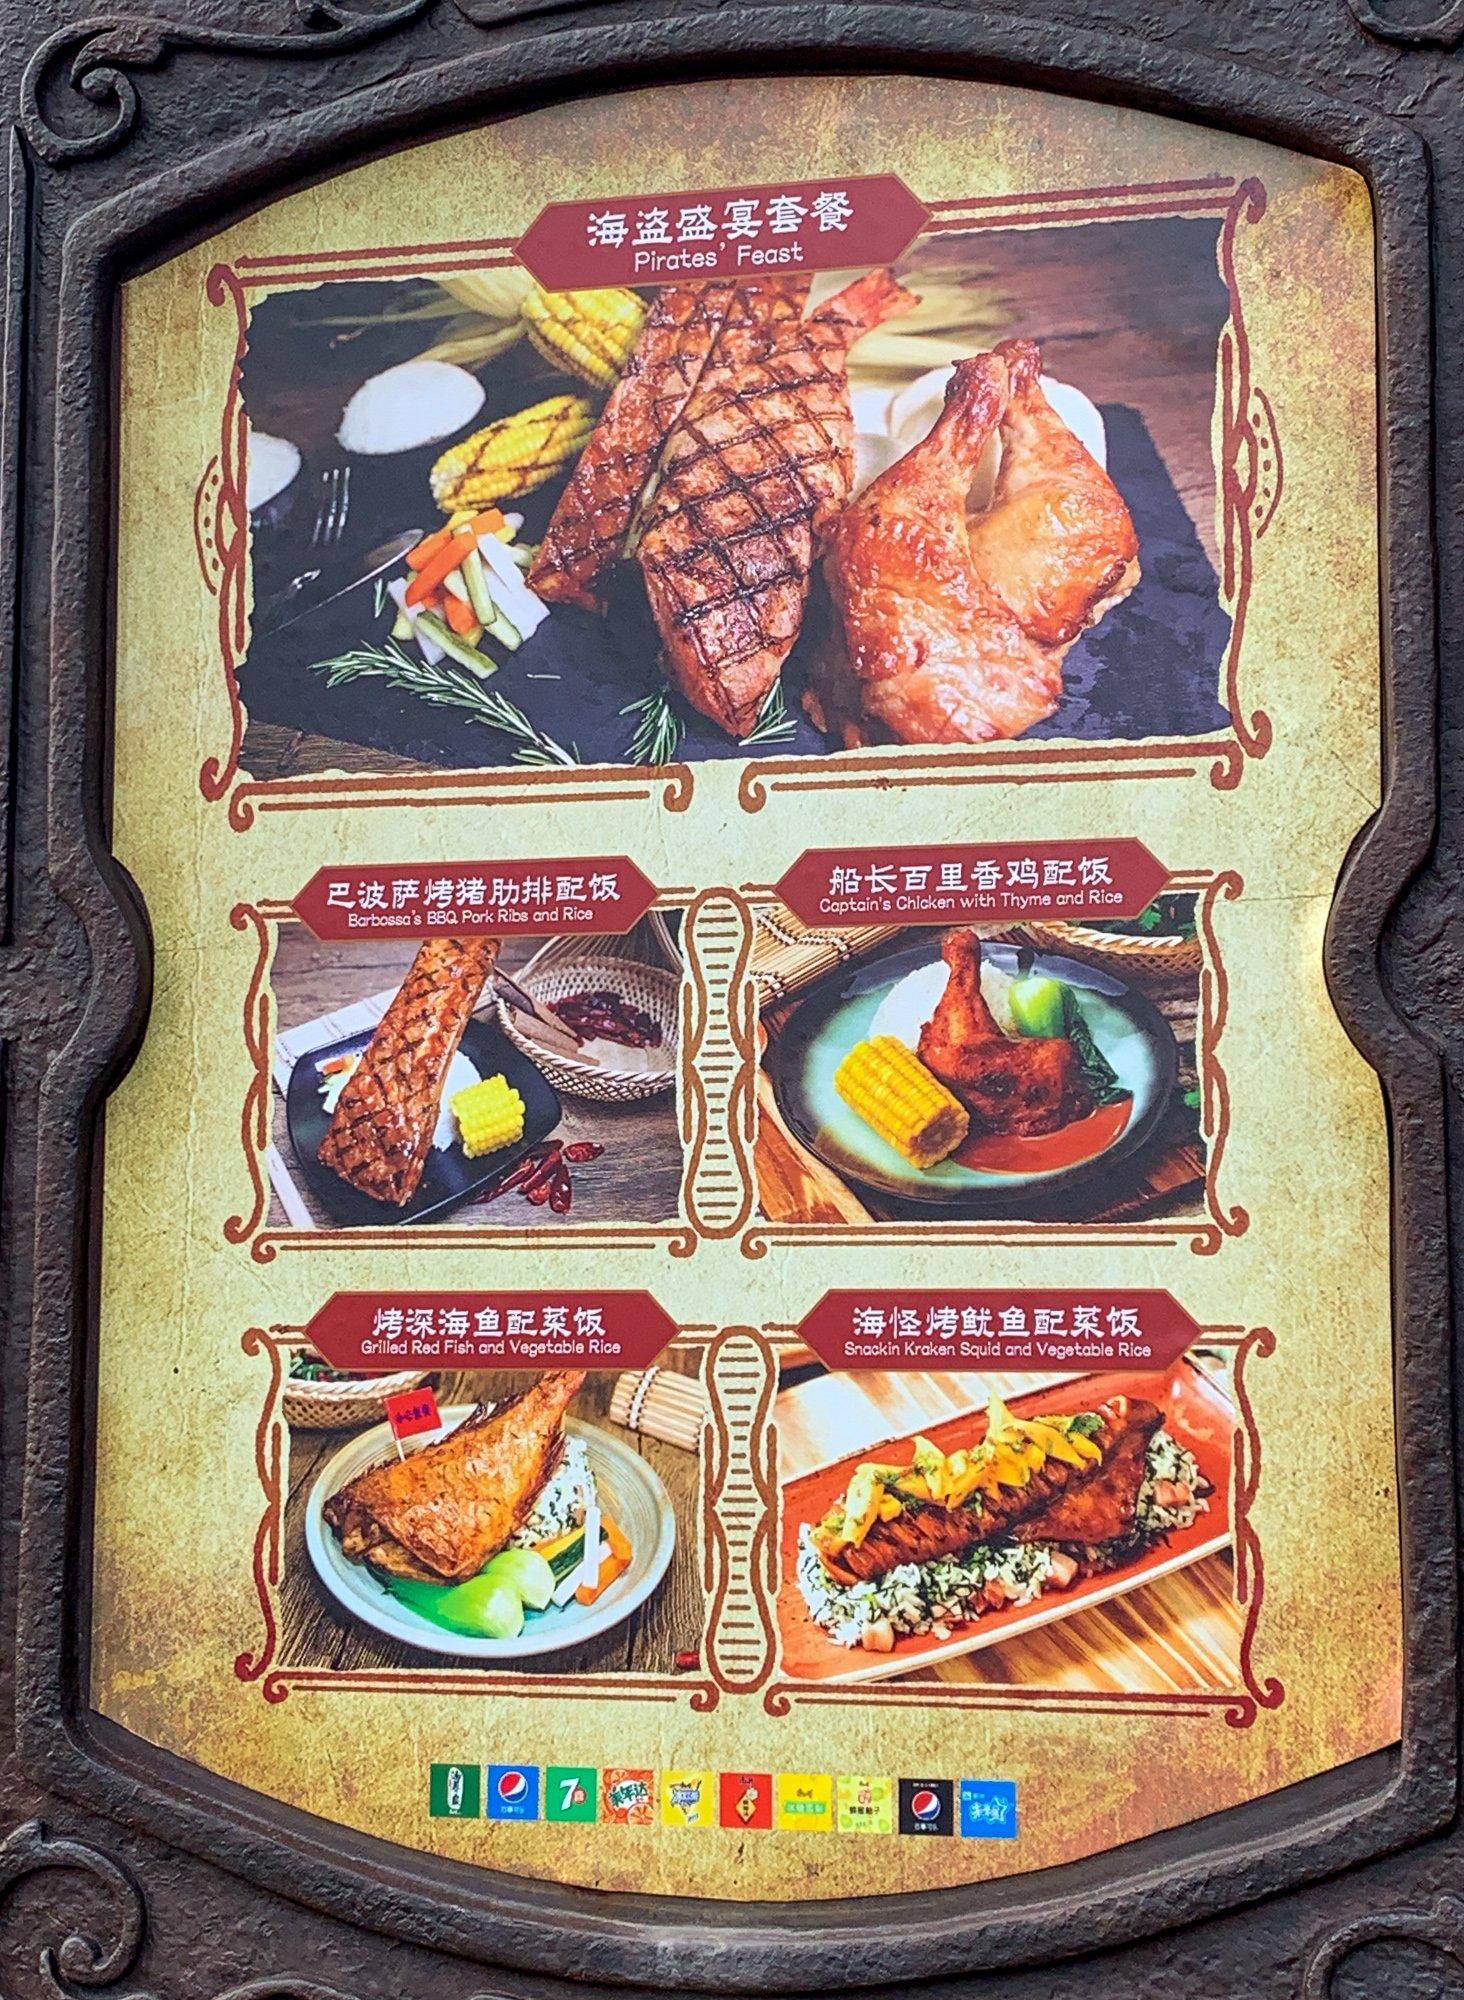 A menu in both Mandarin and English at Shanghai Disneyland